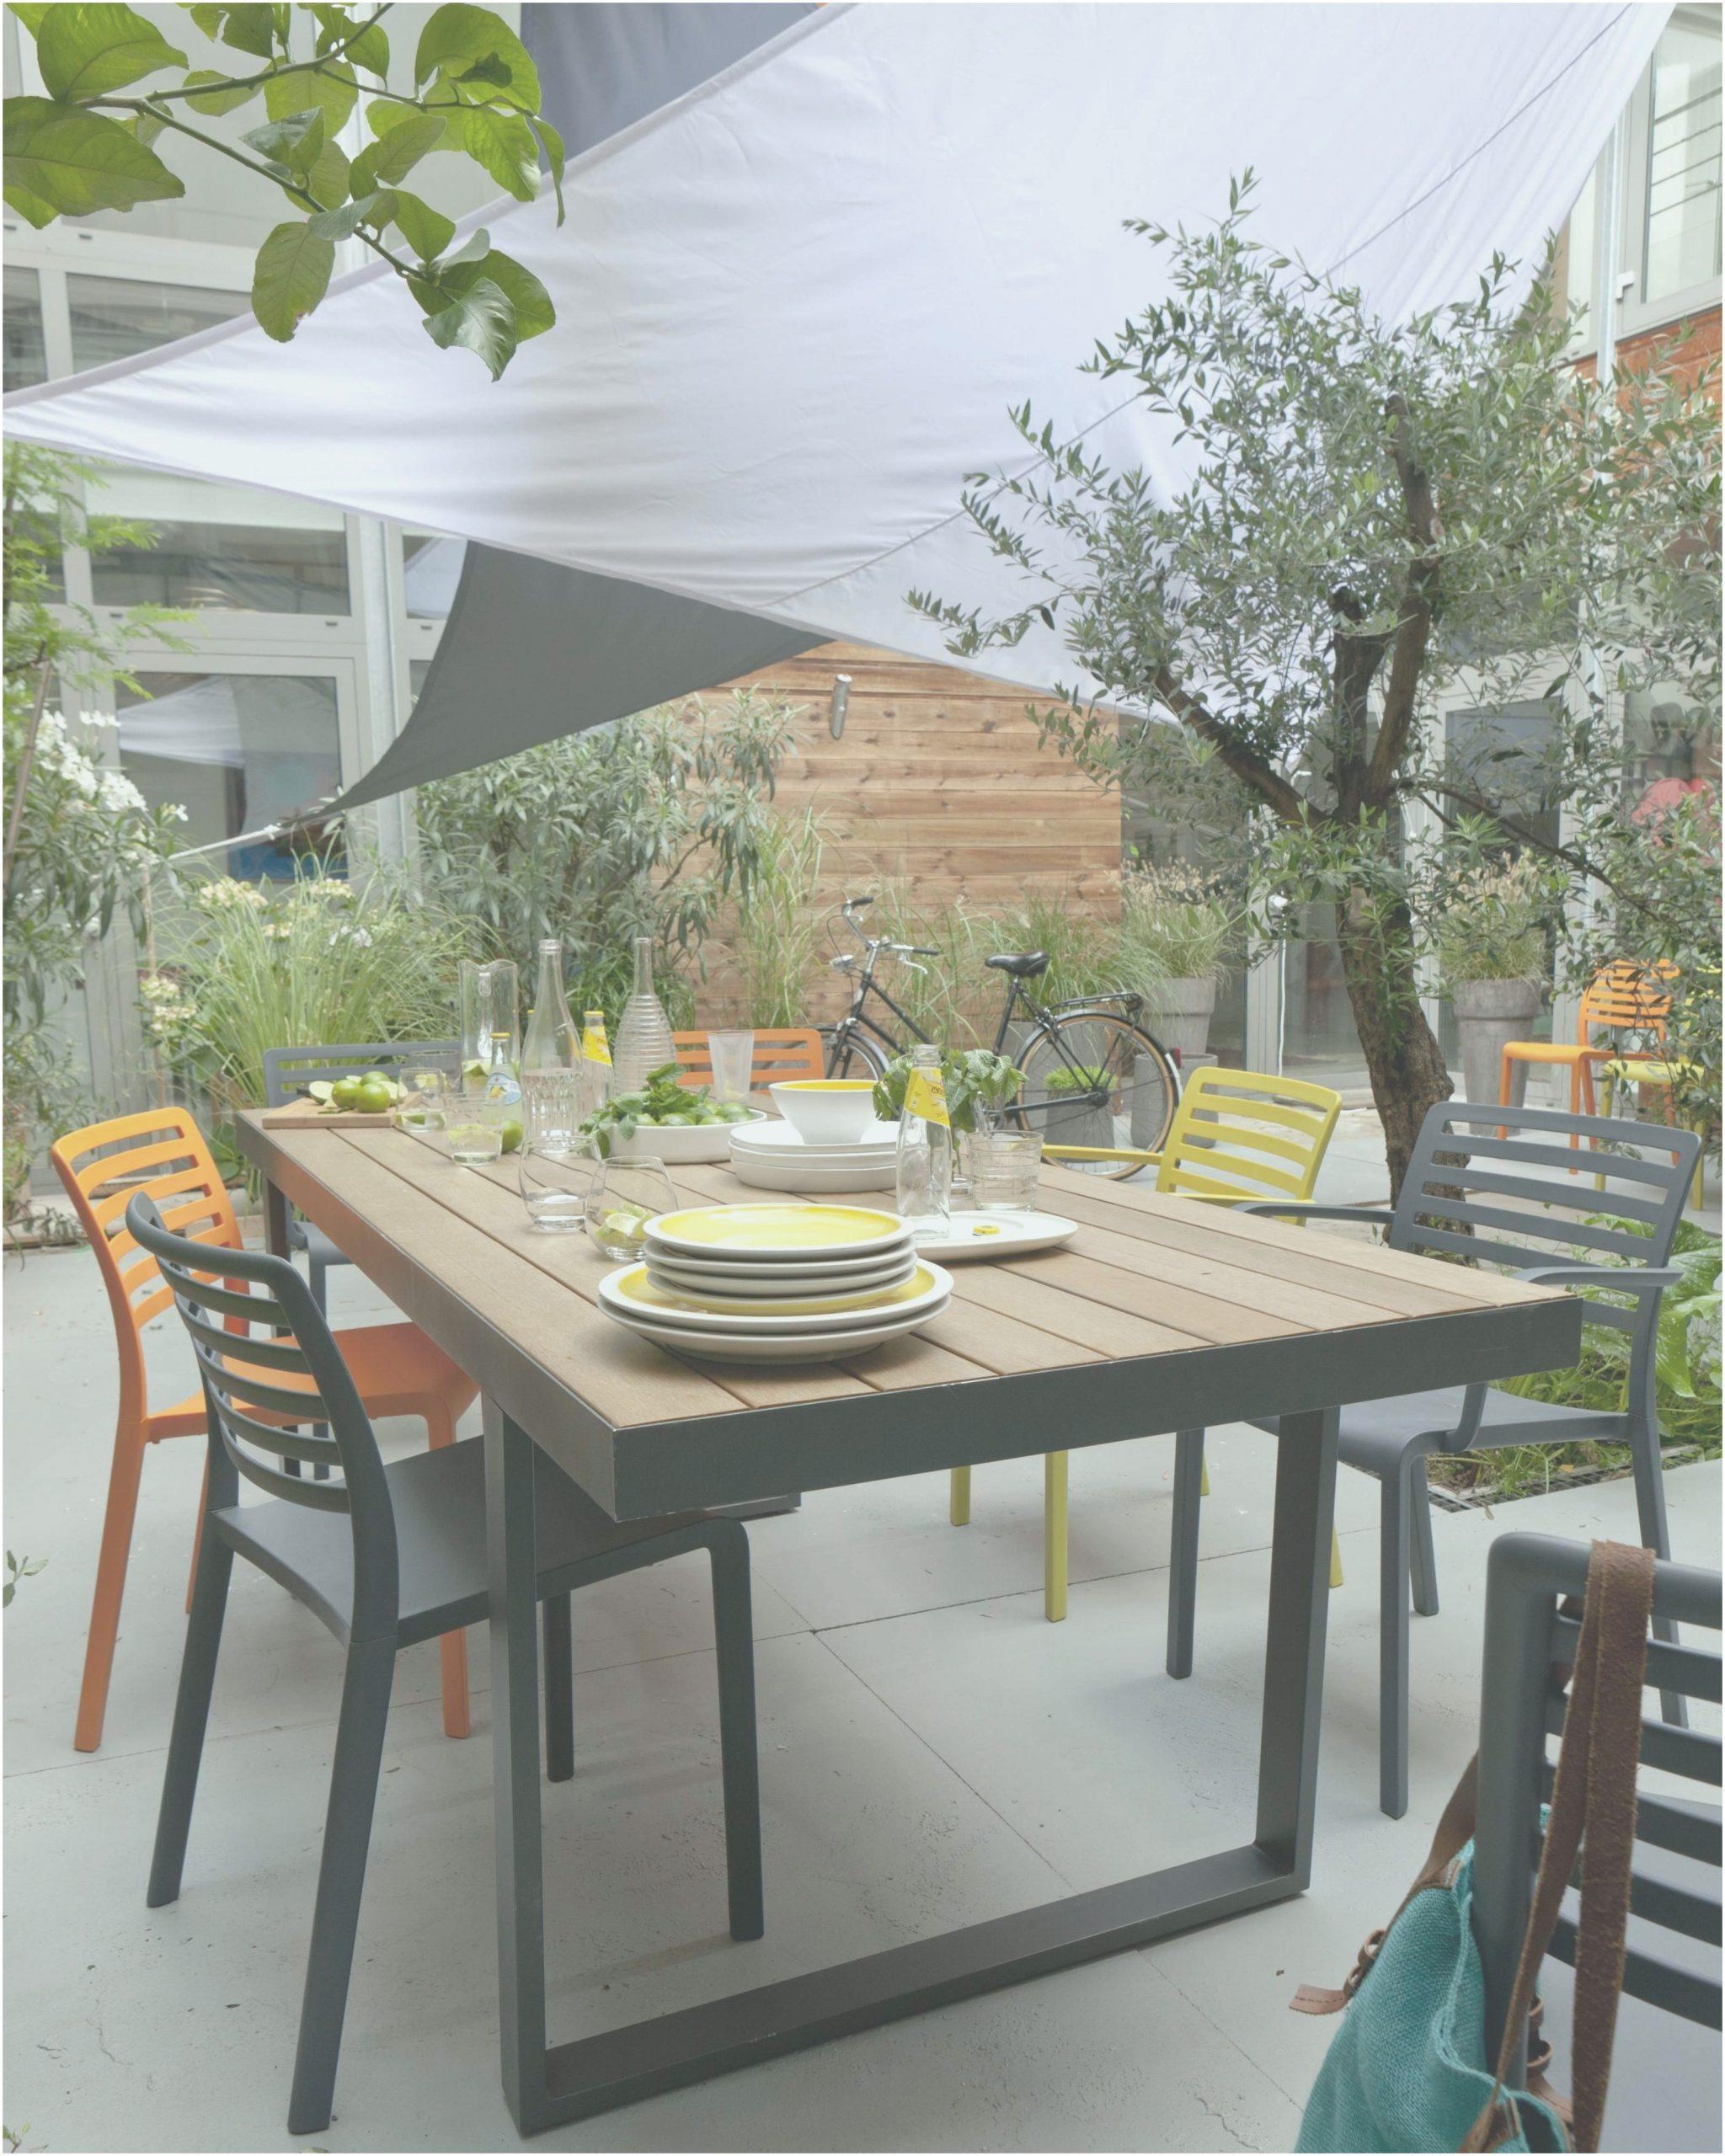 46 Idées De Design Meuble De Jardin Leroy Merlin à Leroy Merlin Salon De Jardin En Résine Tressée